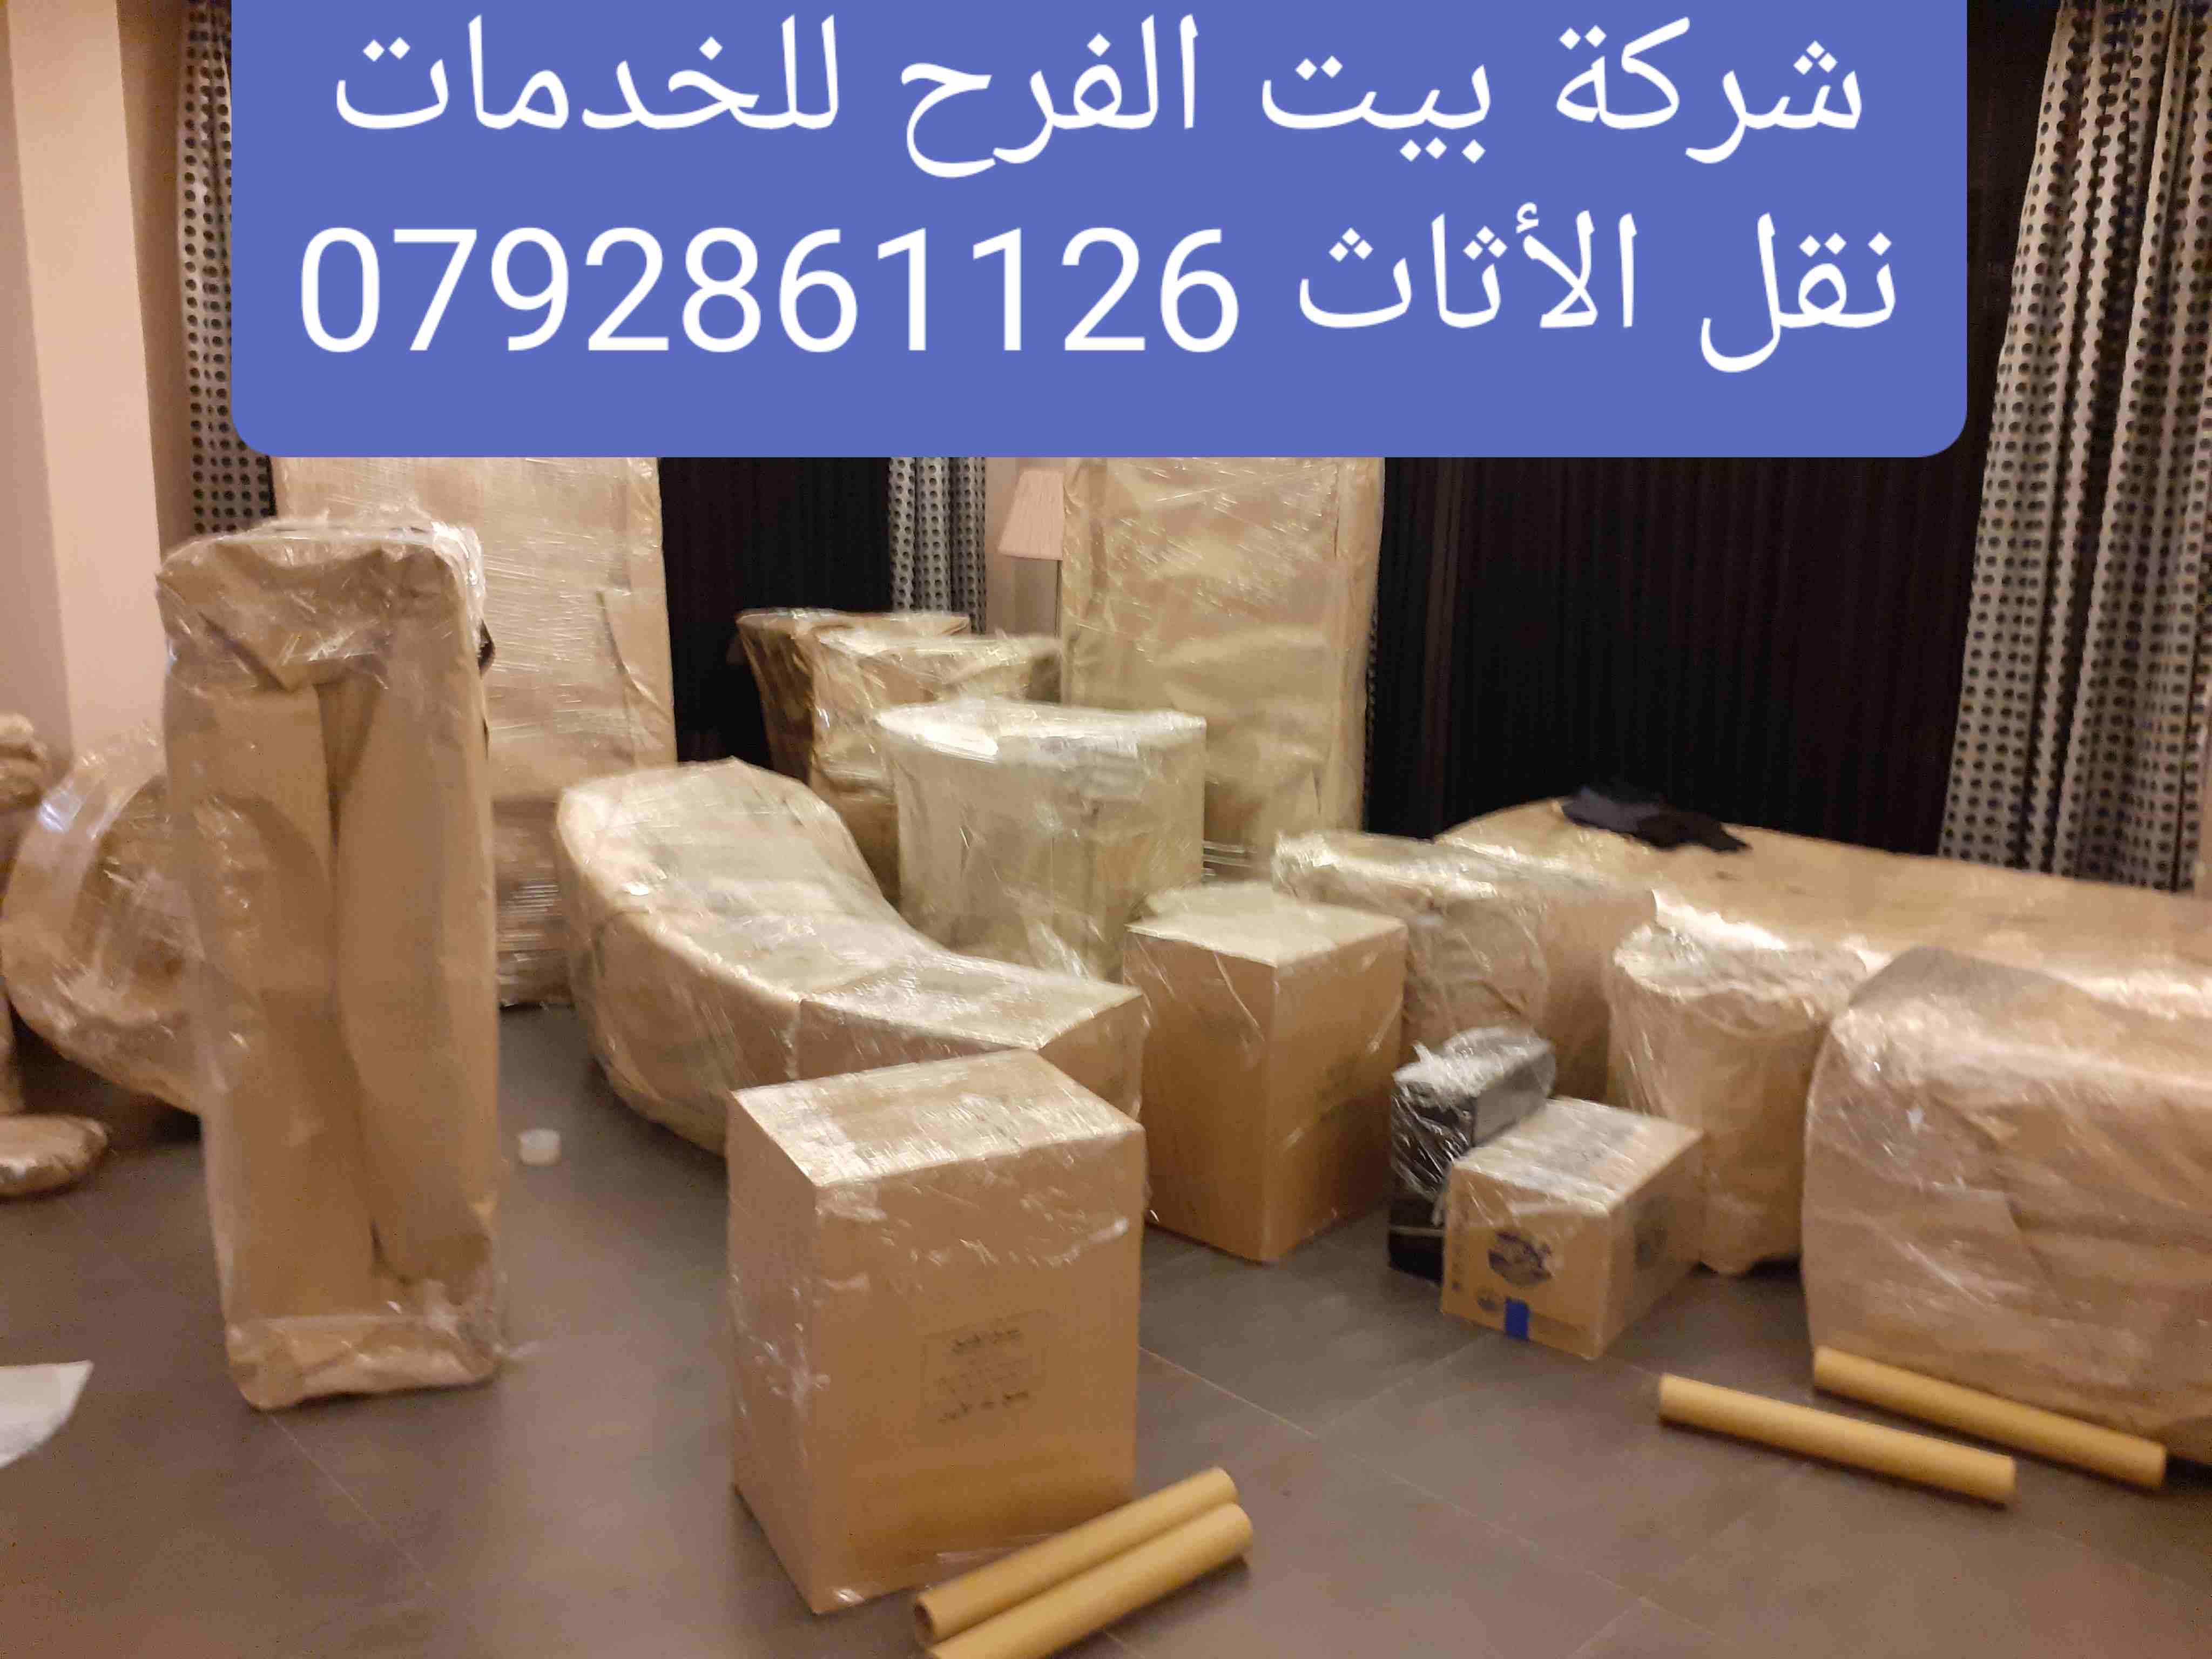 اتصل الآن: دبي :0507937363 ، أبوظبي: 0507836089لكل خدمات الشحن، النقل و الترحيل للسيارات و المعدات -  0792861126شركة بيت الفرح...